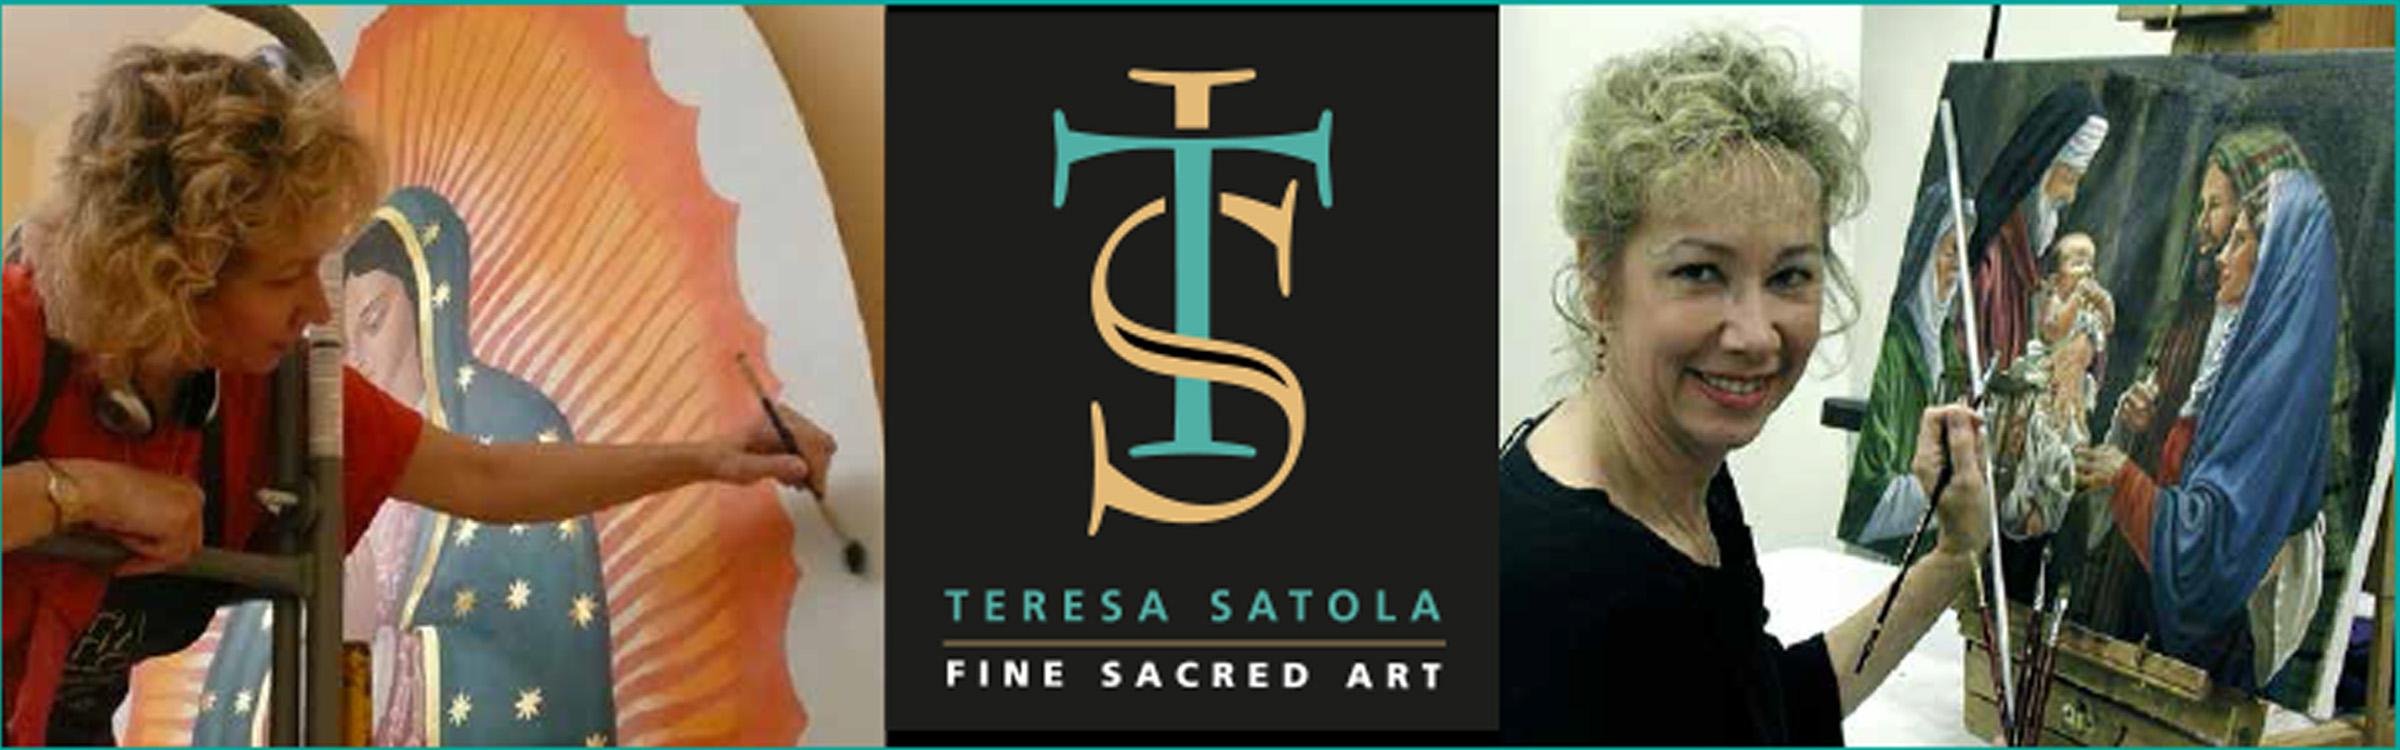 Teresa Satola Ltd 2019 website banner